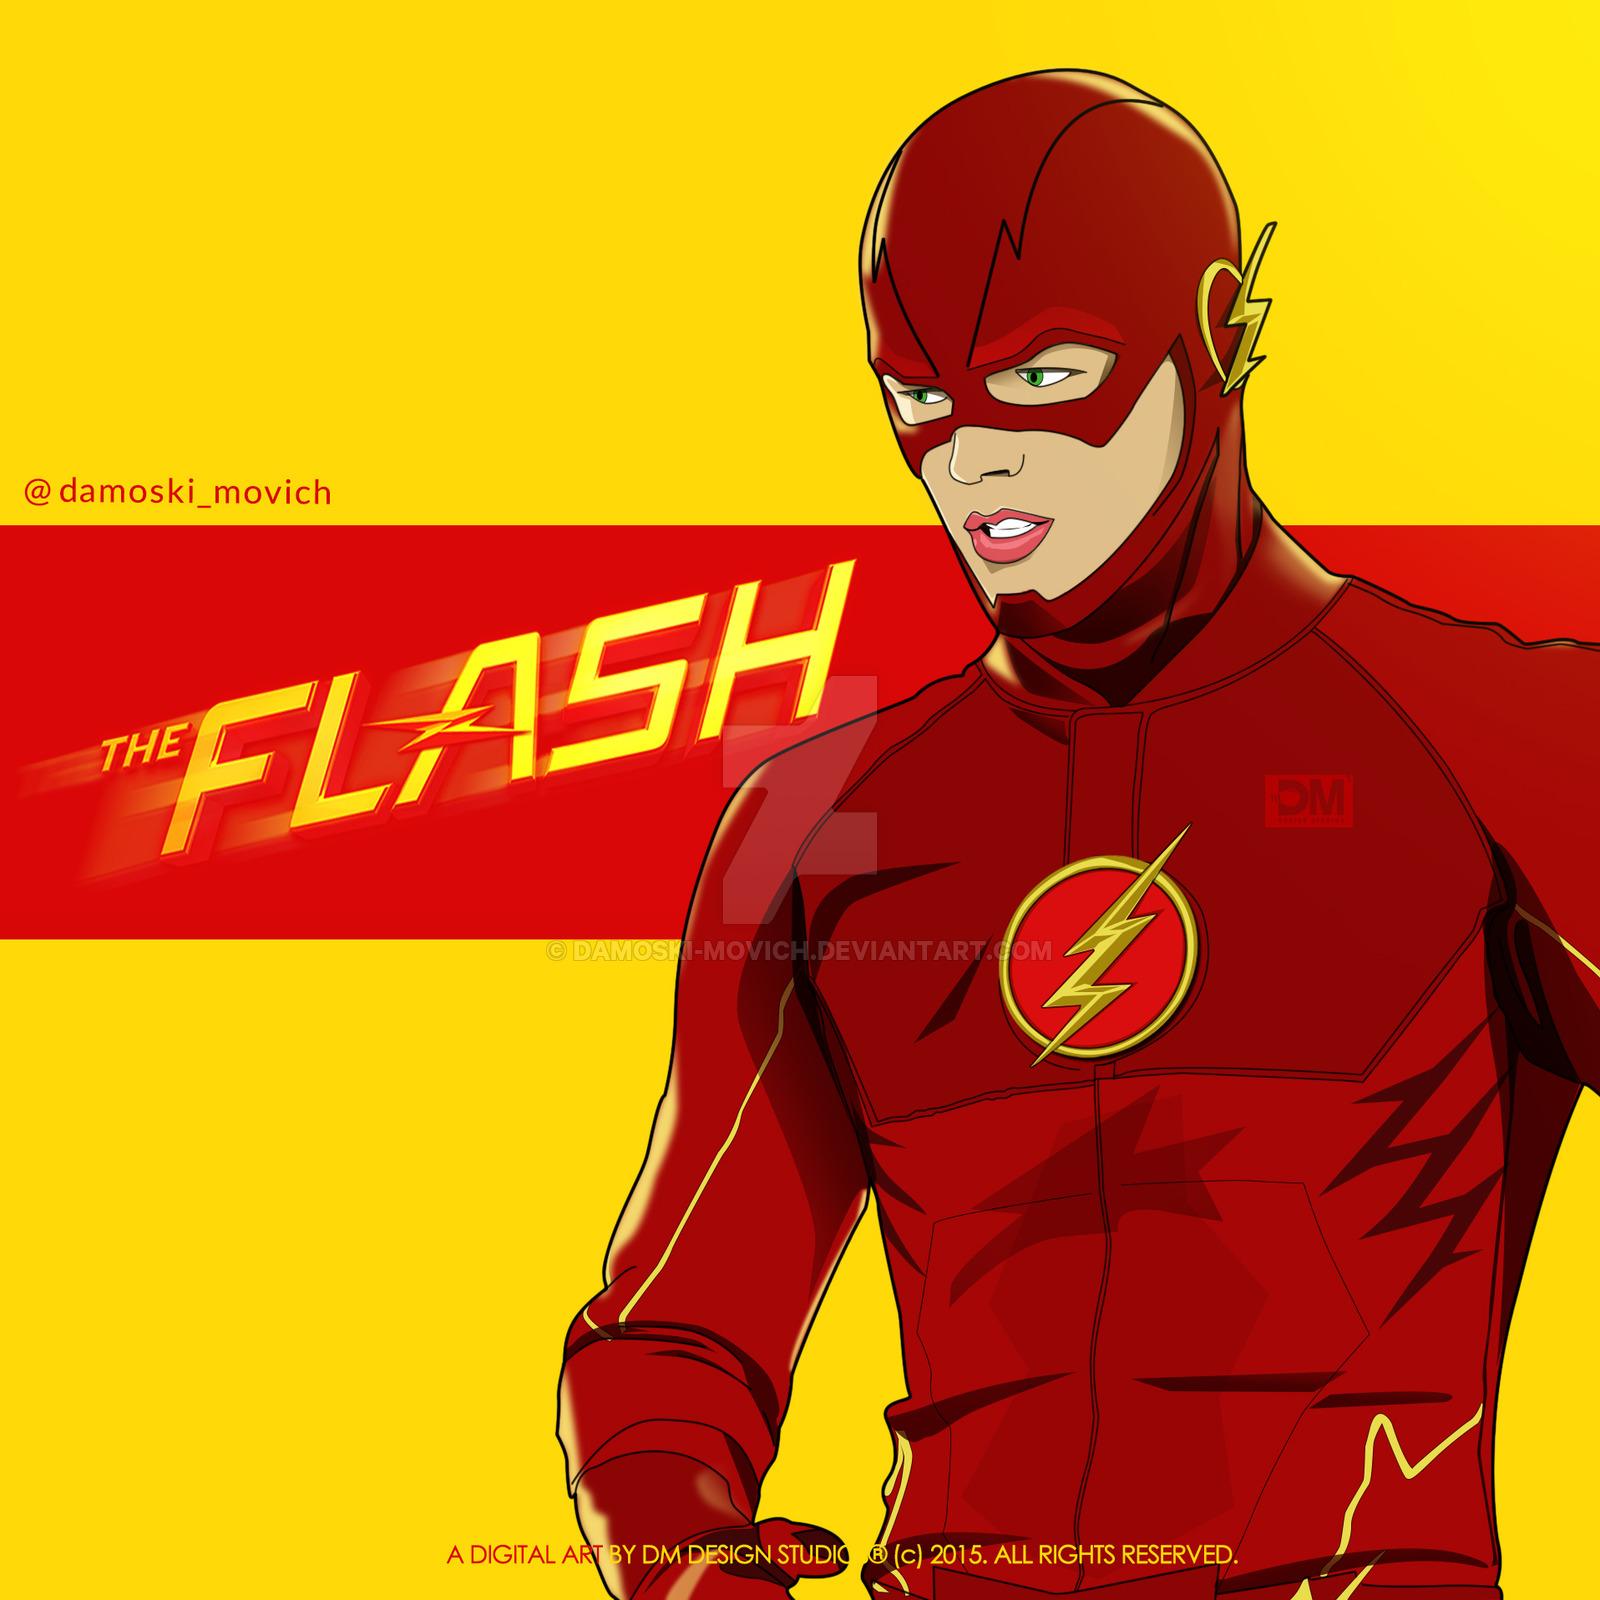 1600x1600 The Flash By Damoski Movich